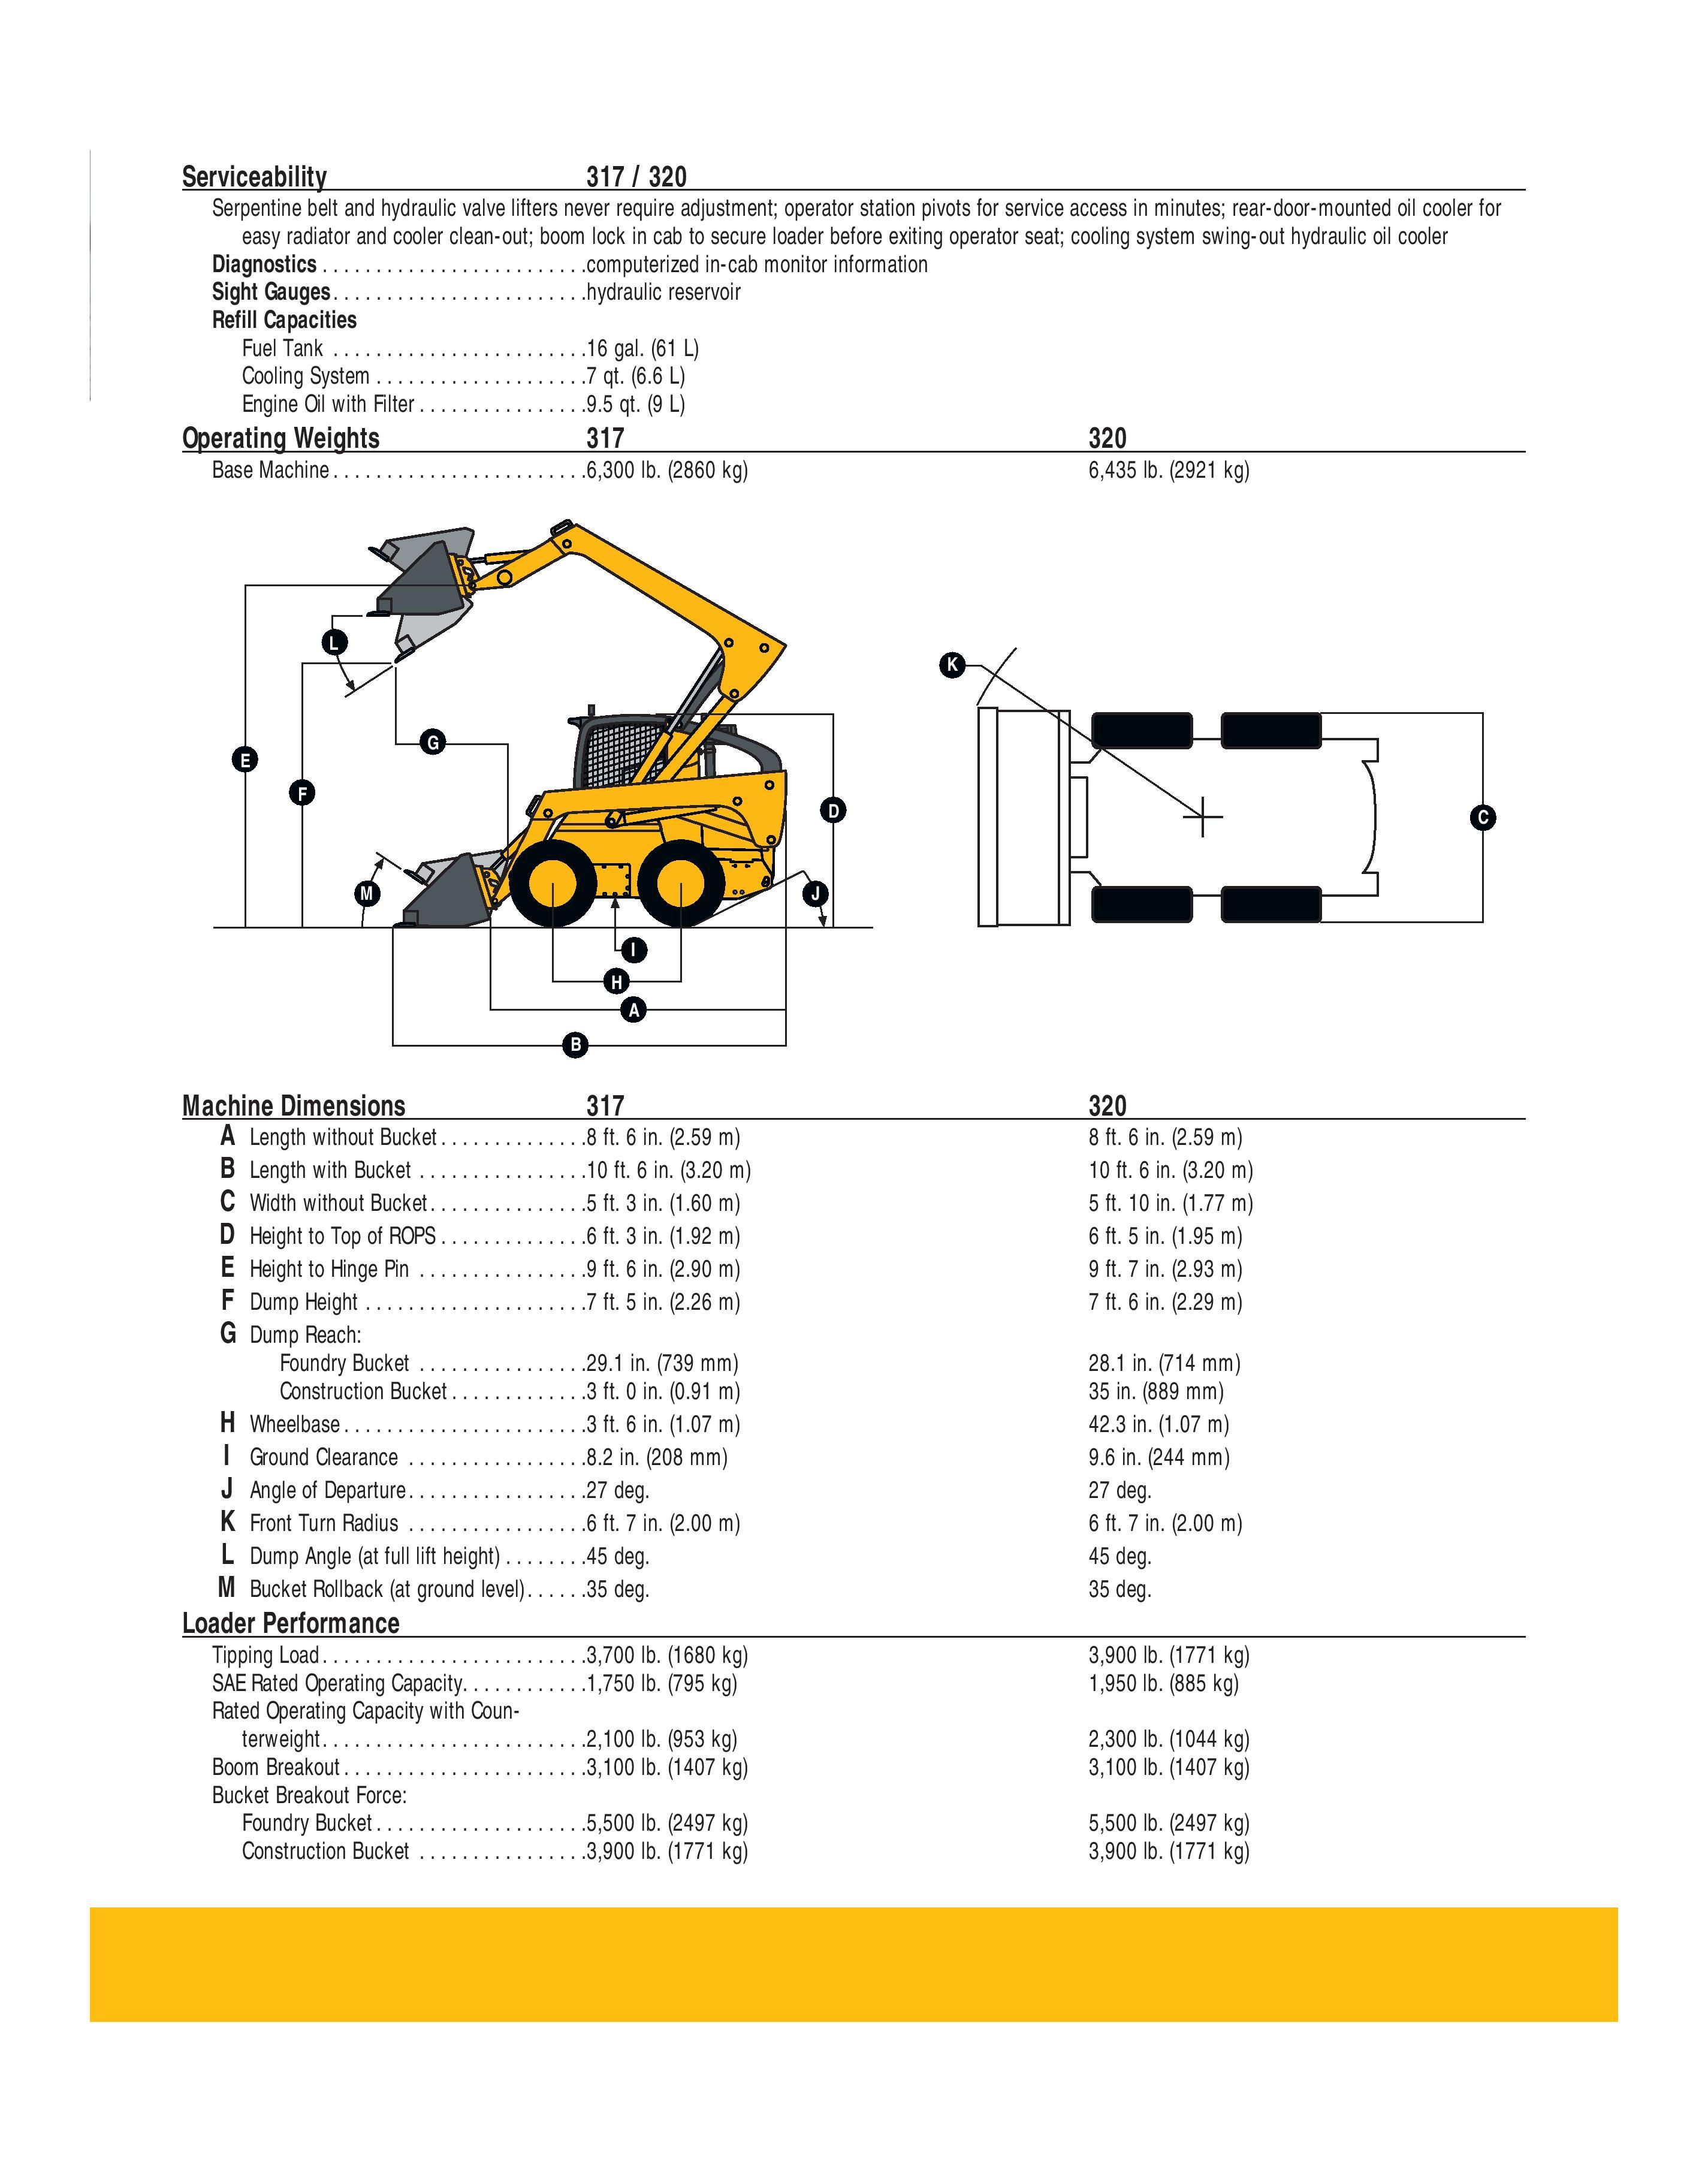 John Deere Skid Steer Supplier Worldwide | Used 2005 John Deere 328